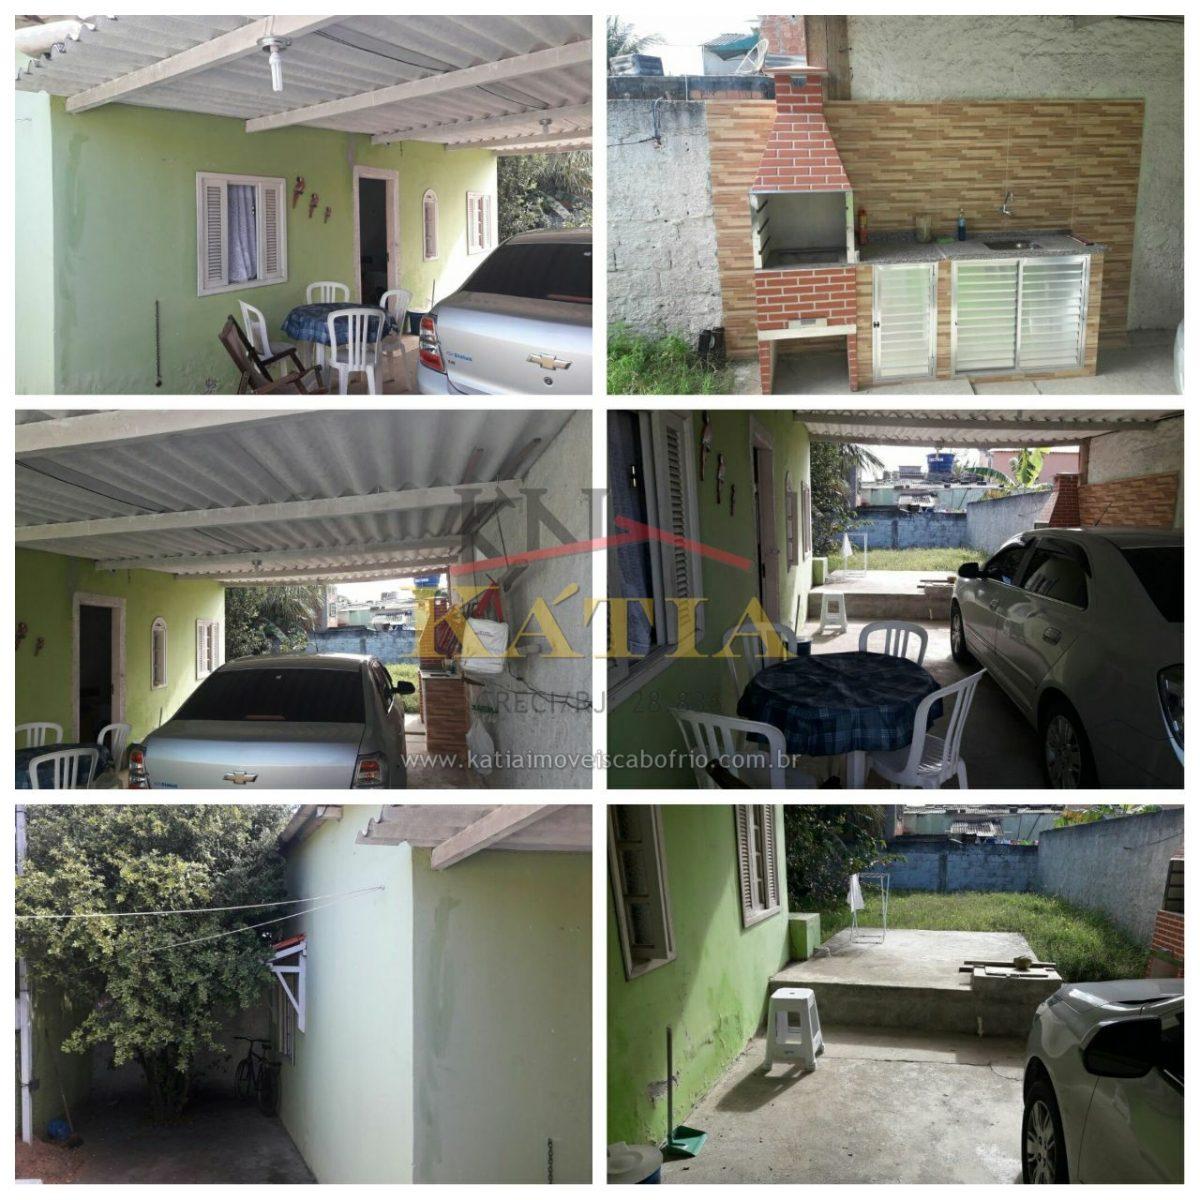 Casa a venda em Cabo Frio, RJ.